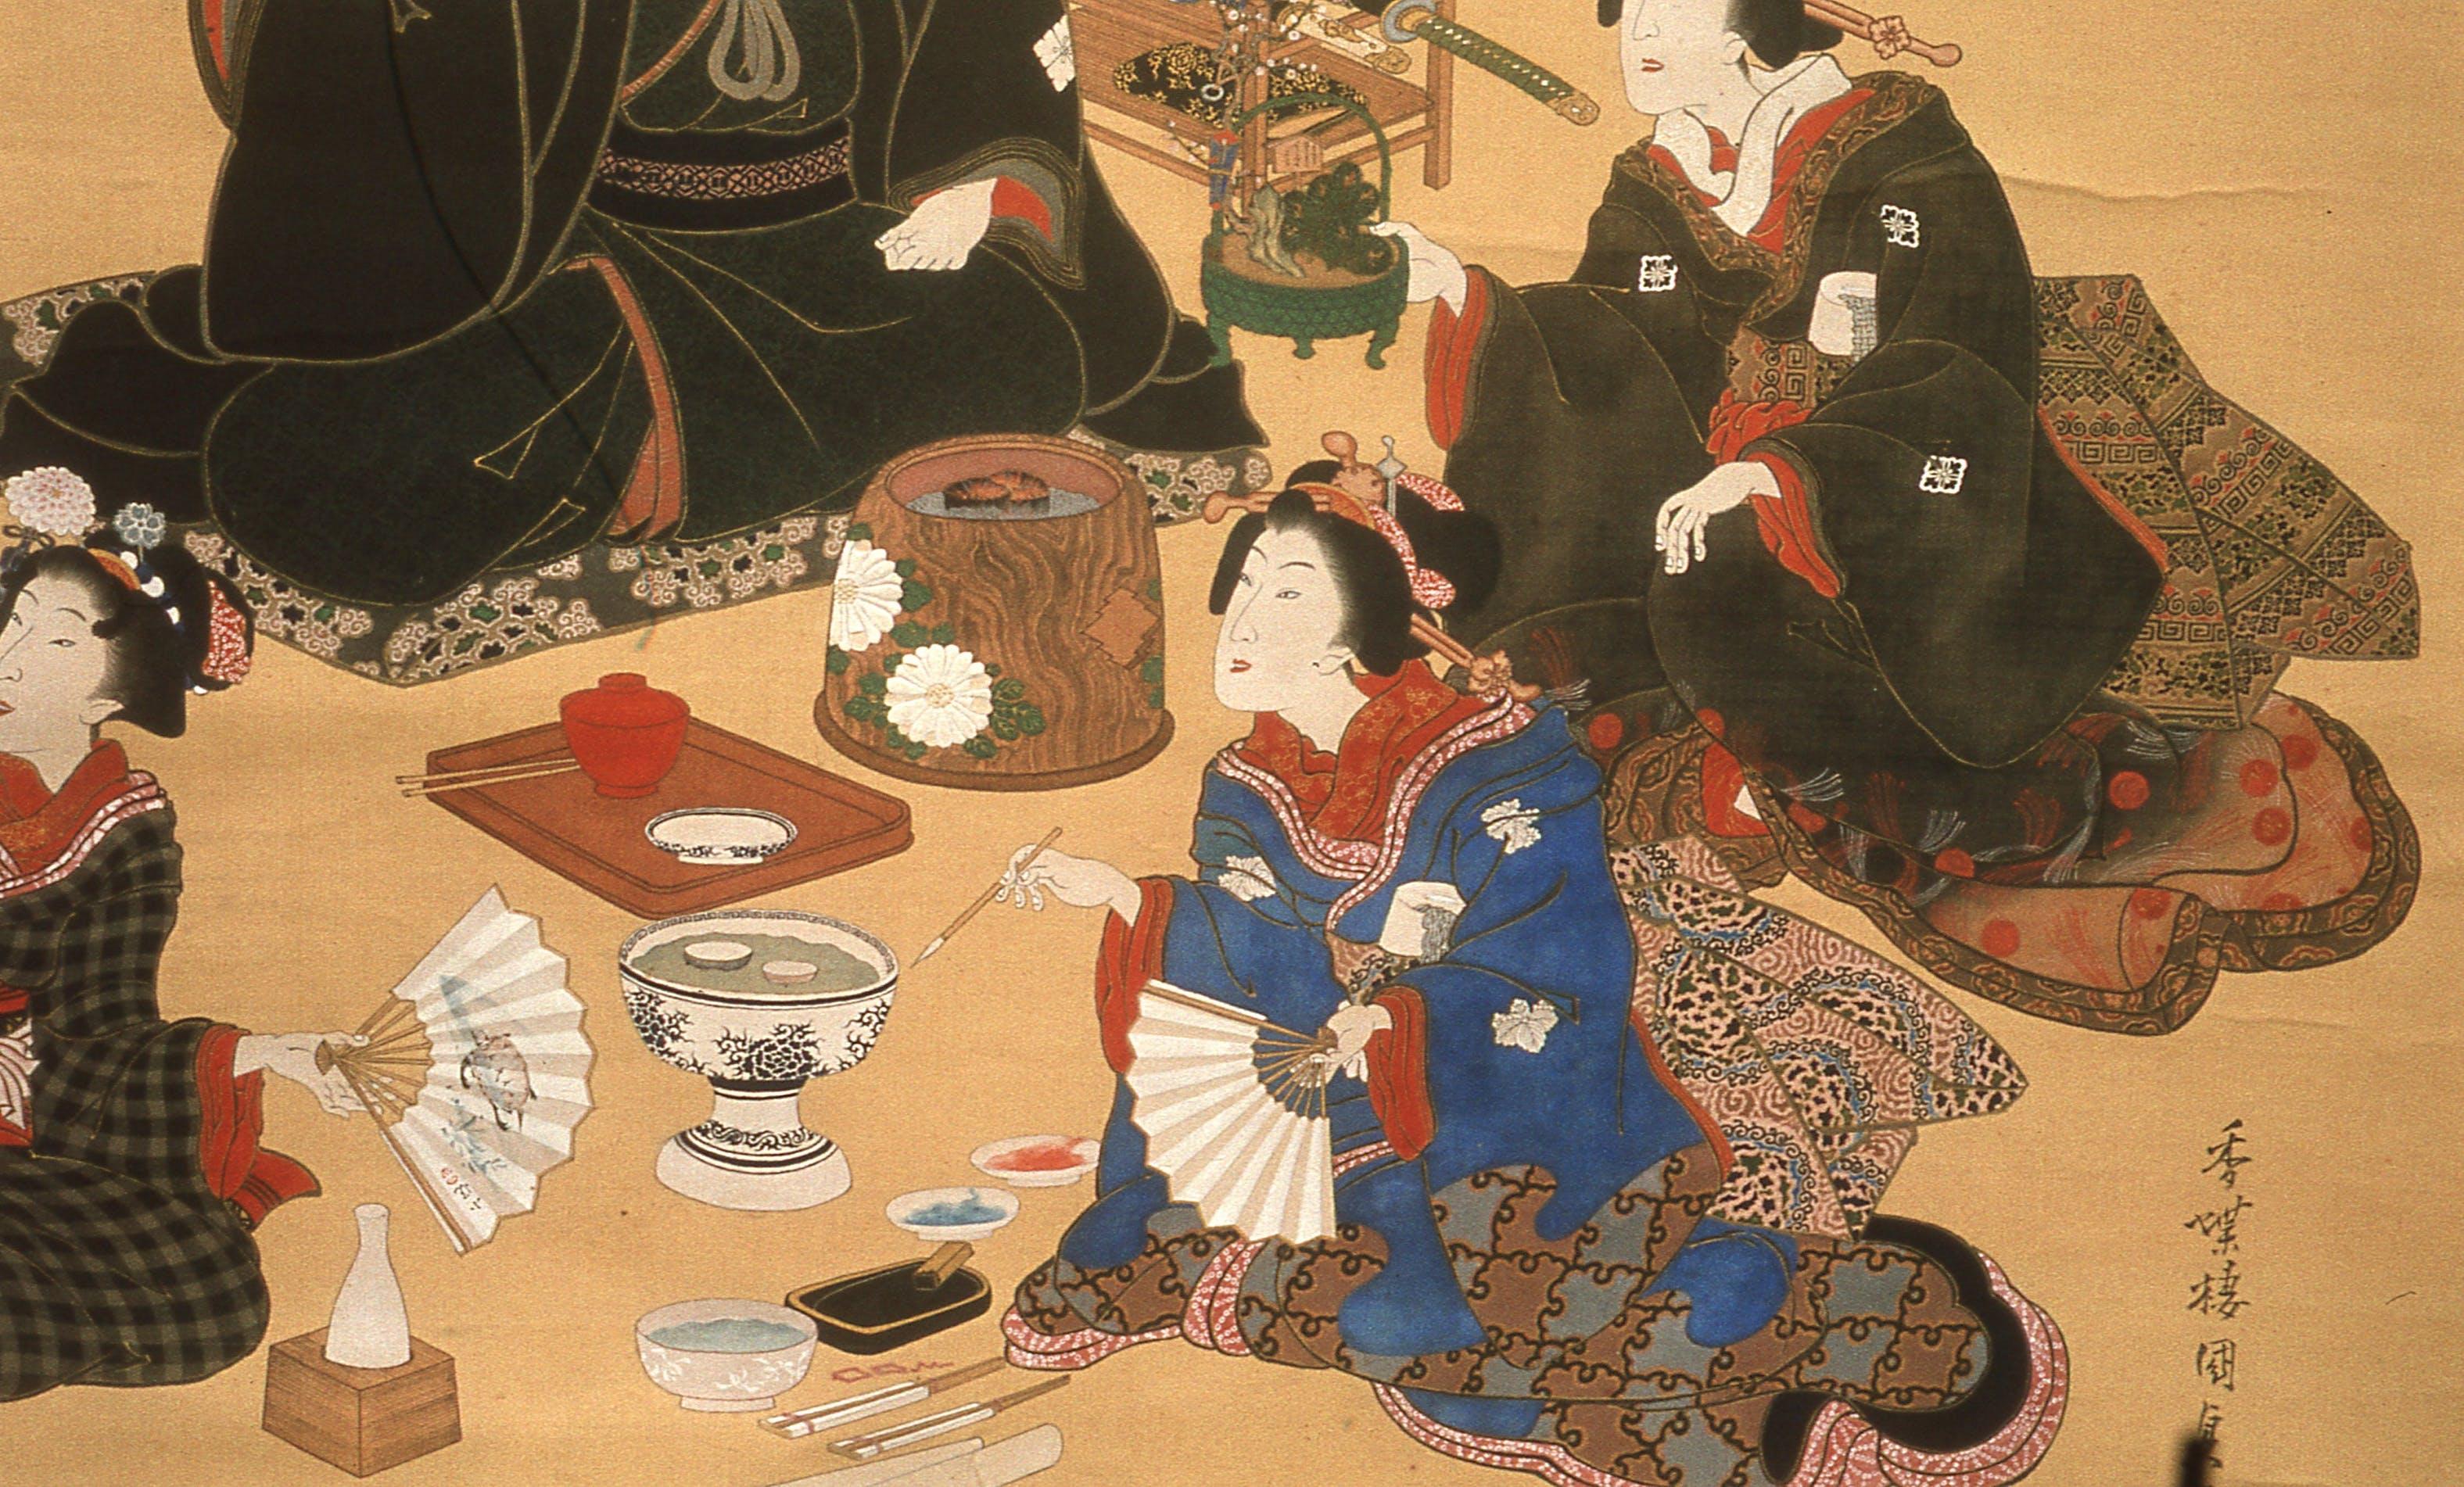 Japanesedrawings013